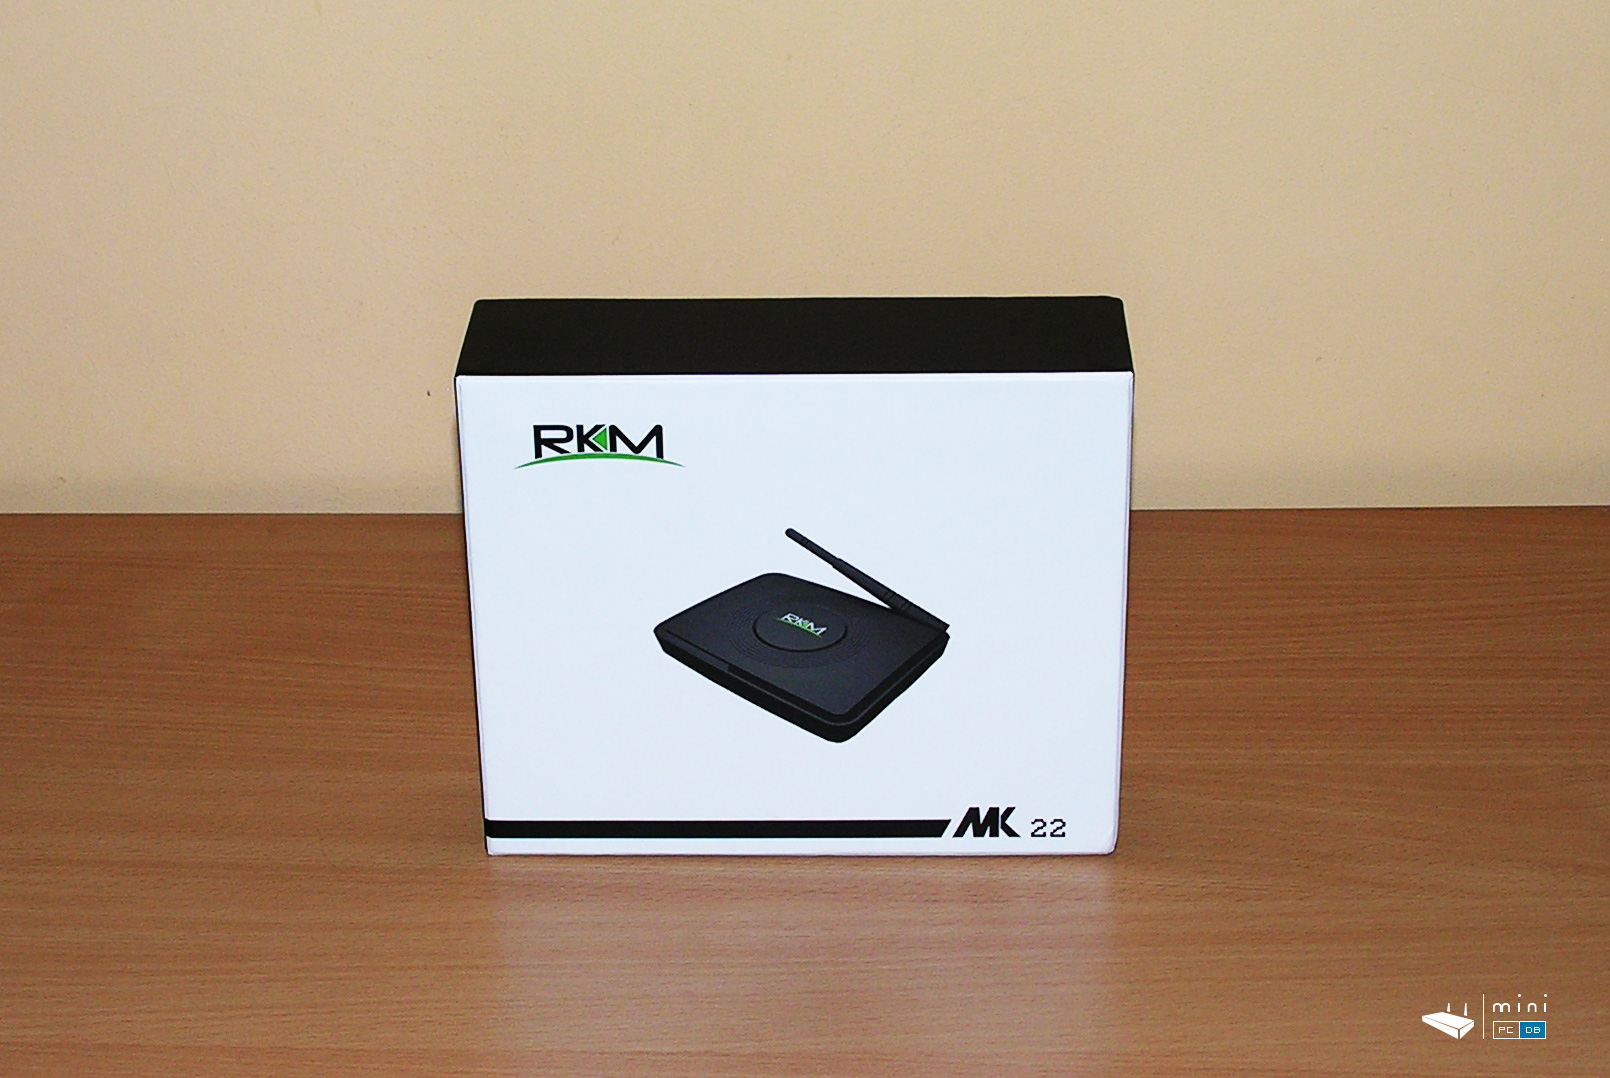 Rikomagic MK22 unboxing